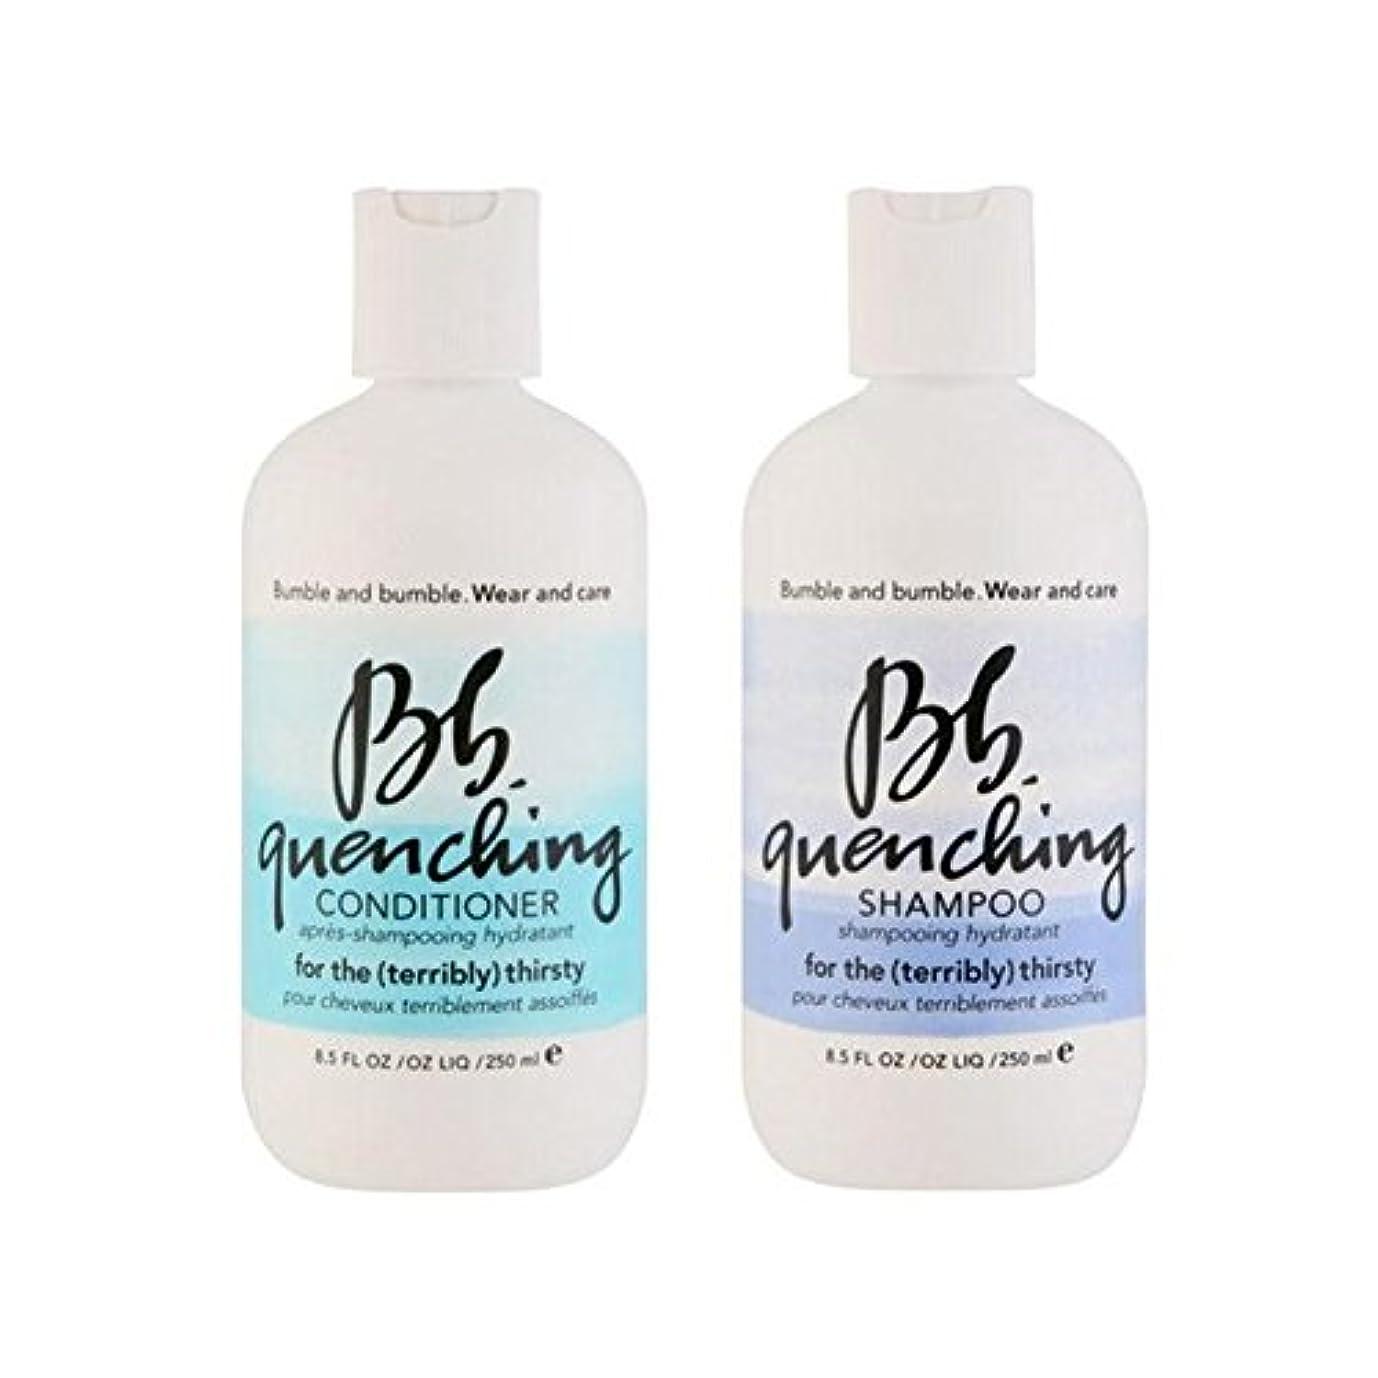 クレデンシャルシーズン同性愛者シャンプーとコンディショナー - デュオを急冷着用し、世話 x2 - Bb Wear And Care Quenching Duo - Shampoo And Conditioner (Pack of 2) [並行輸入品]